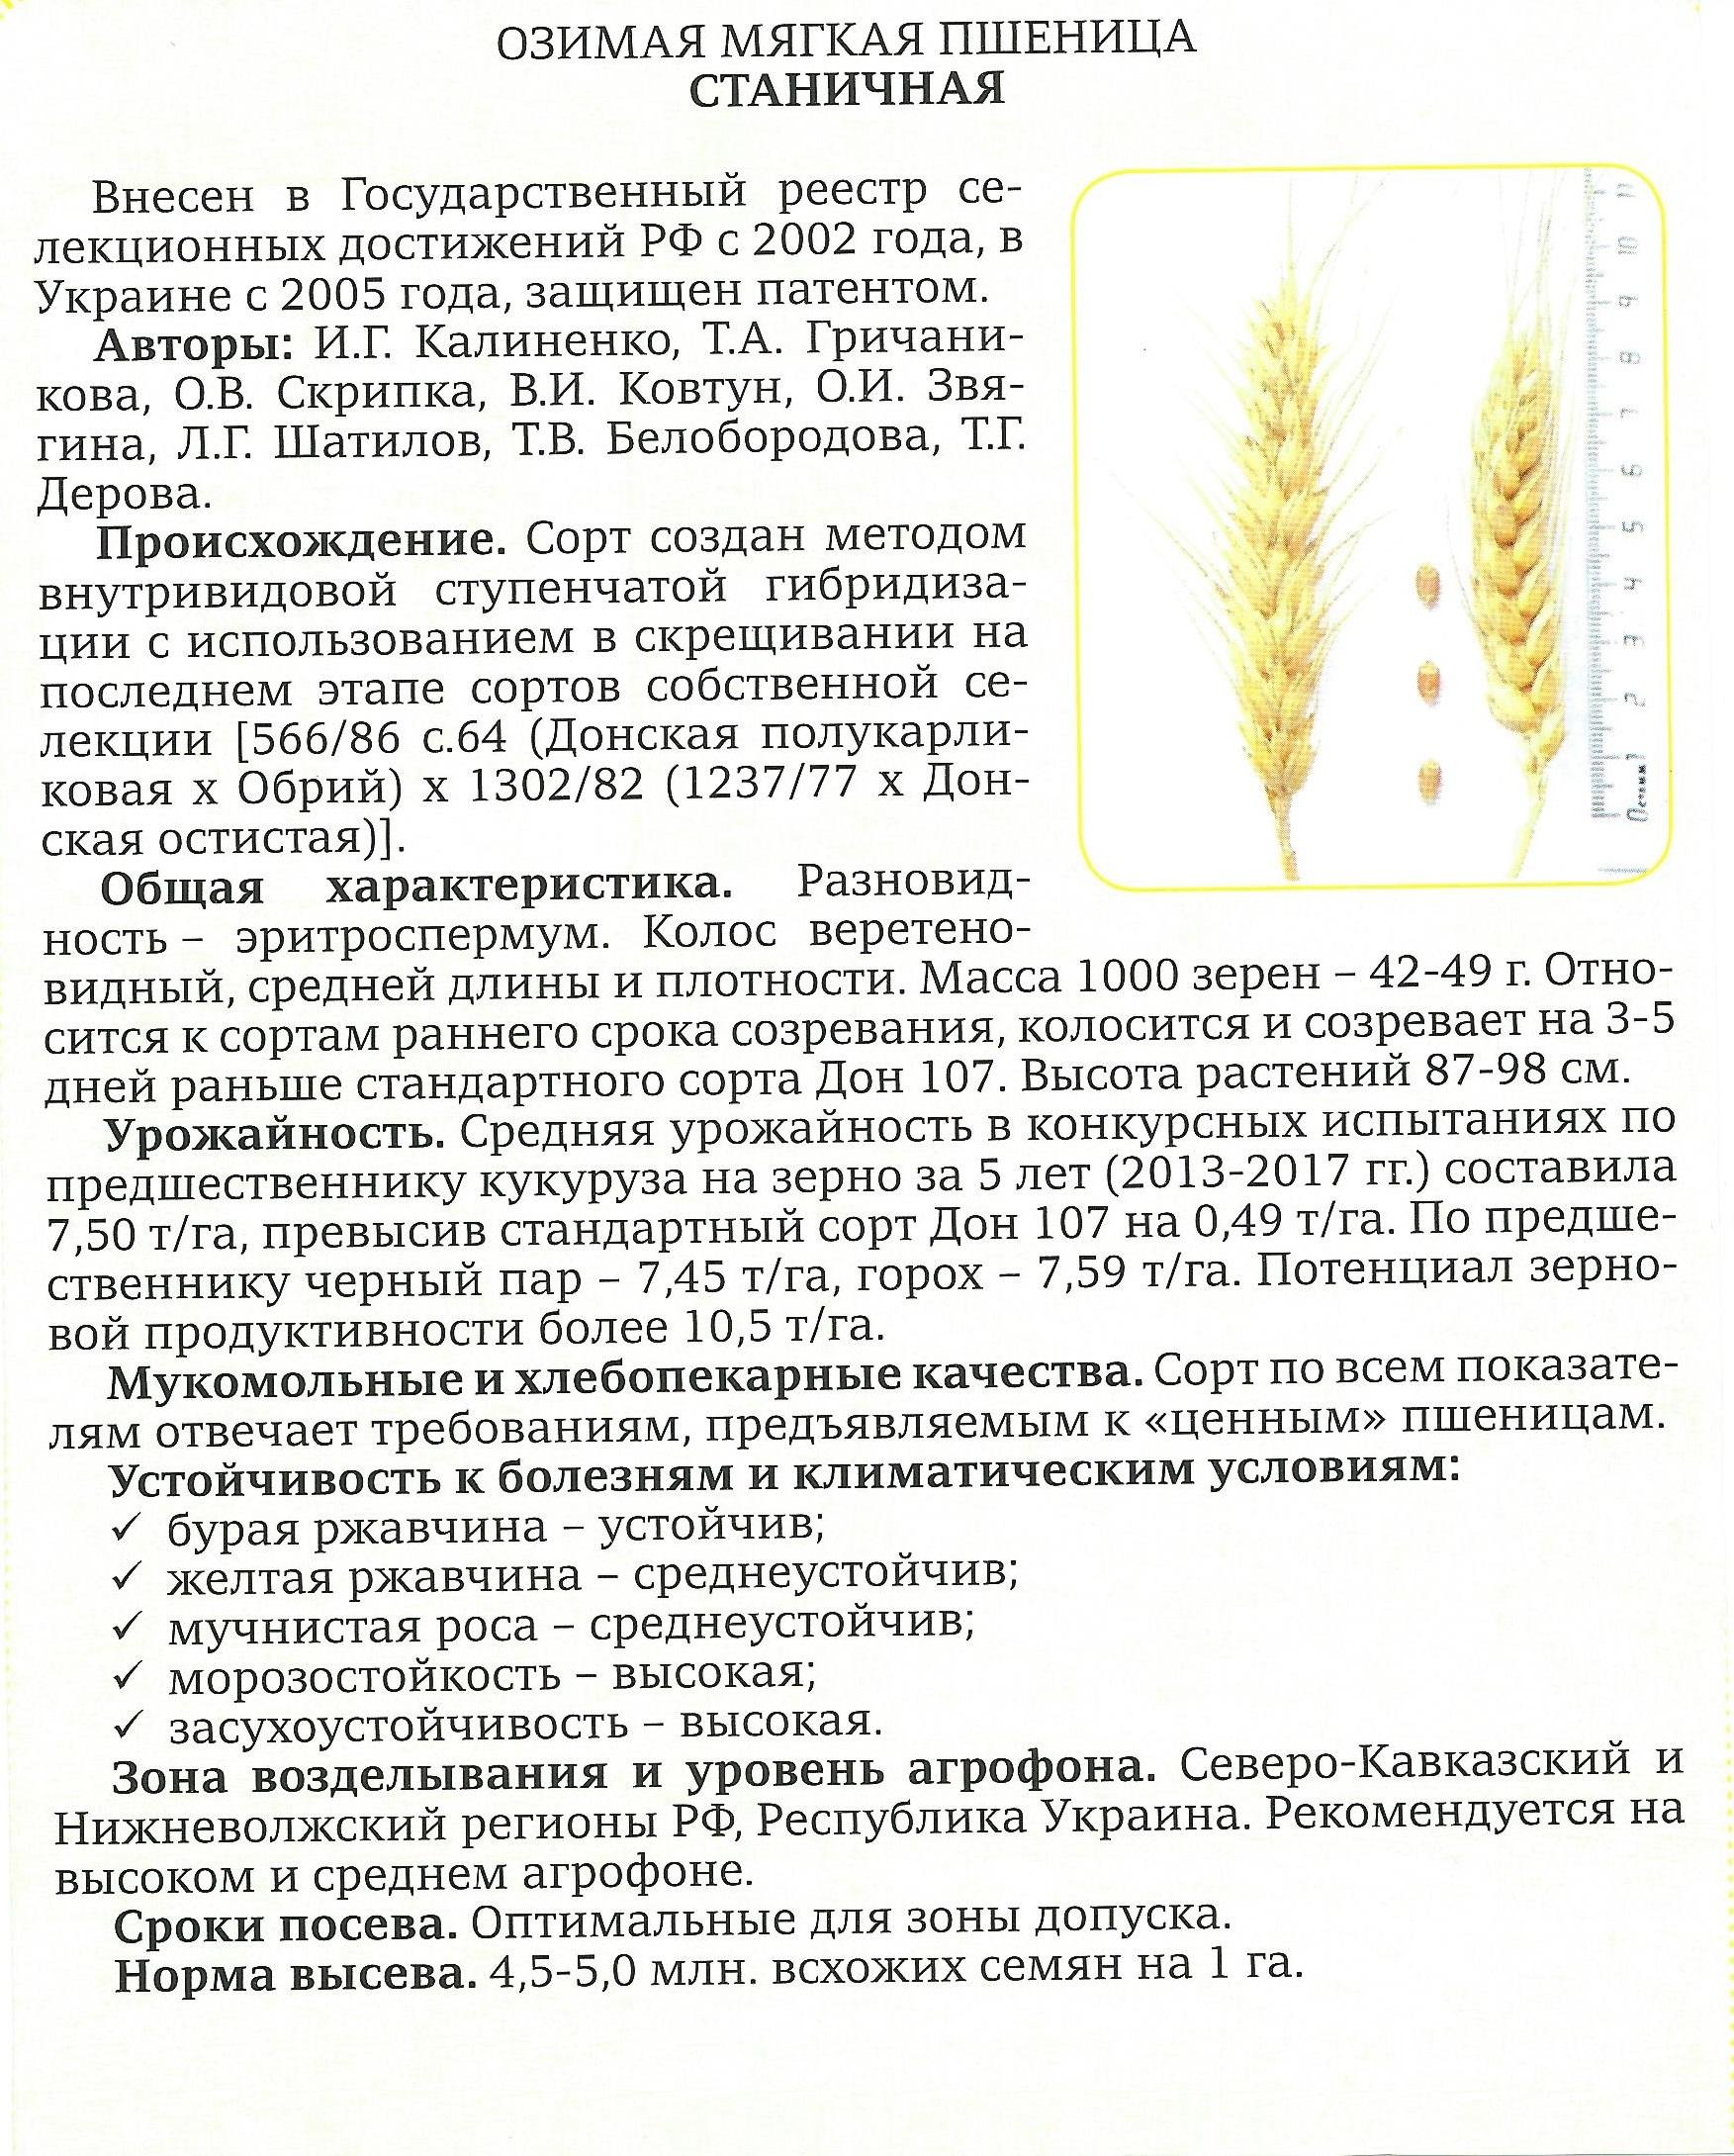 stanichnaya